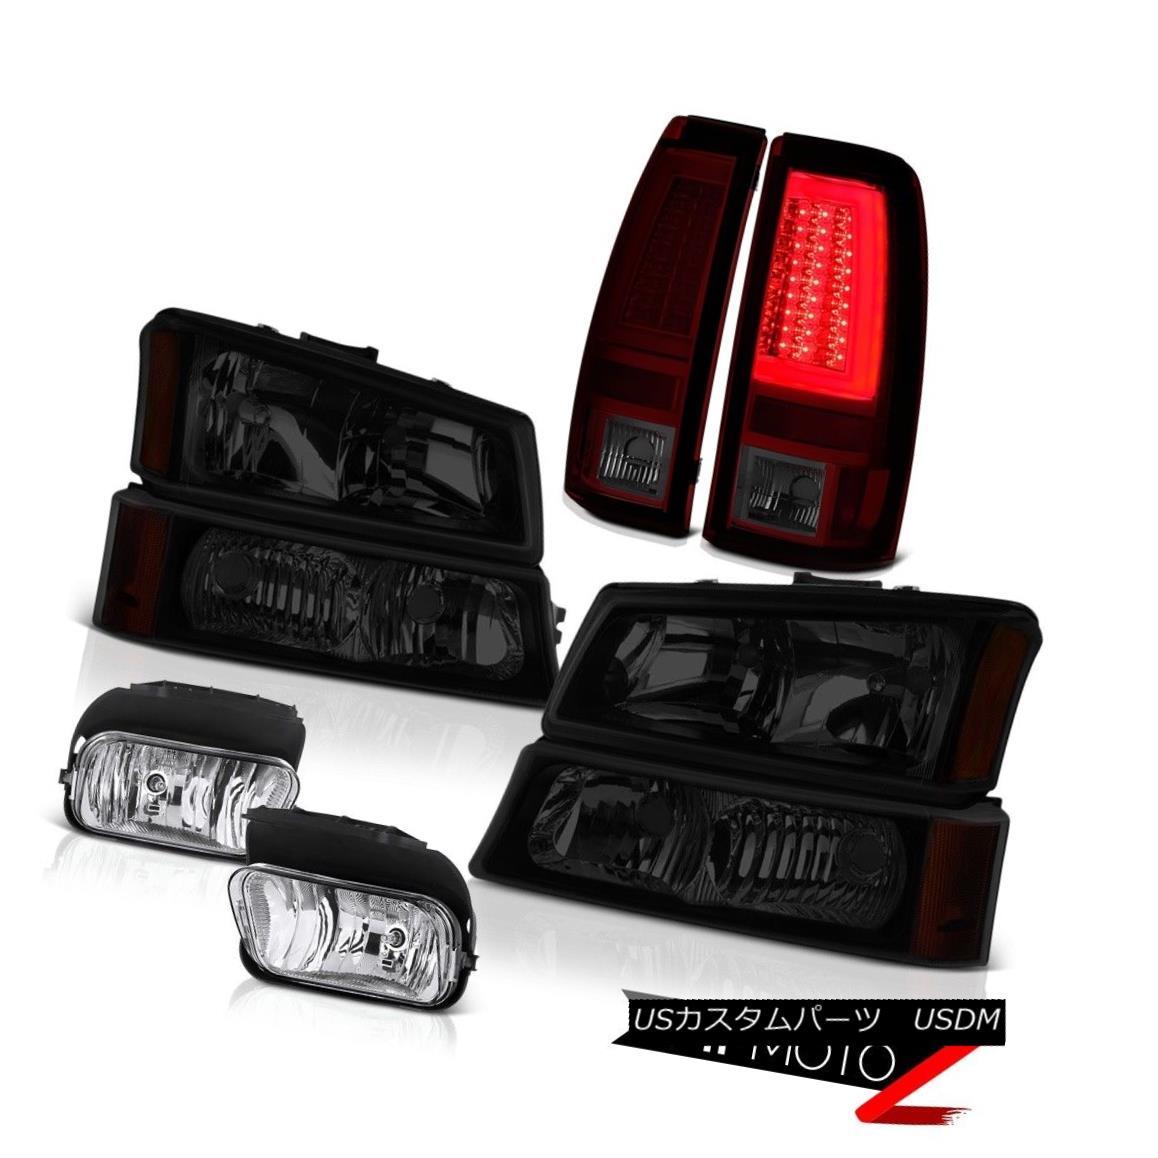 ヘッドライト 03-06 Silverado 1500 Burgundy Red Tail Lamps Headlamps Fog Neon Tube